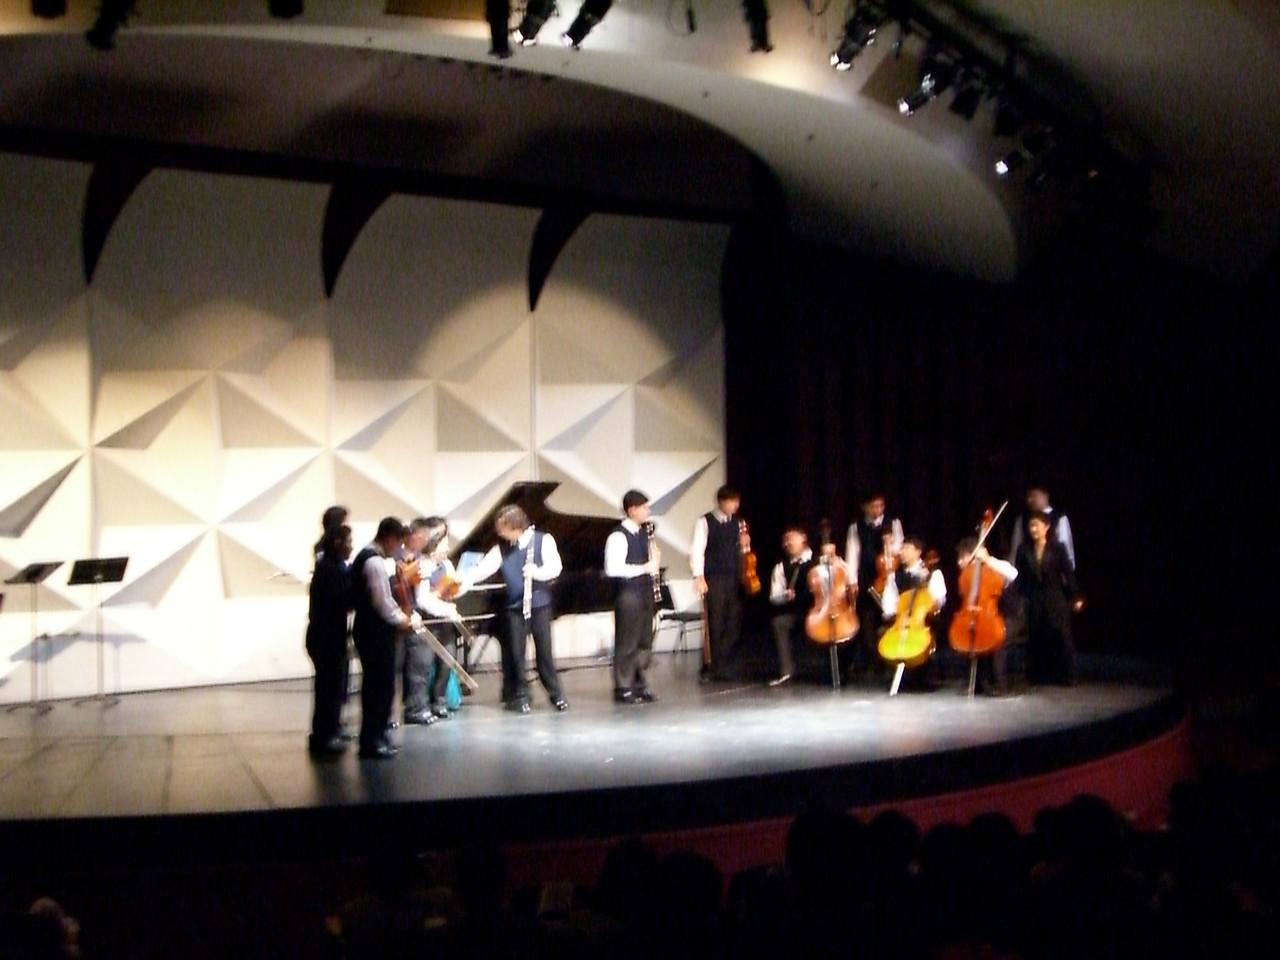 2006 02 19 Sun - Beautiful Mind, Beautiful Concert